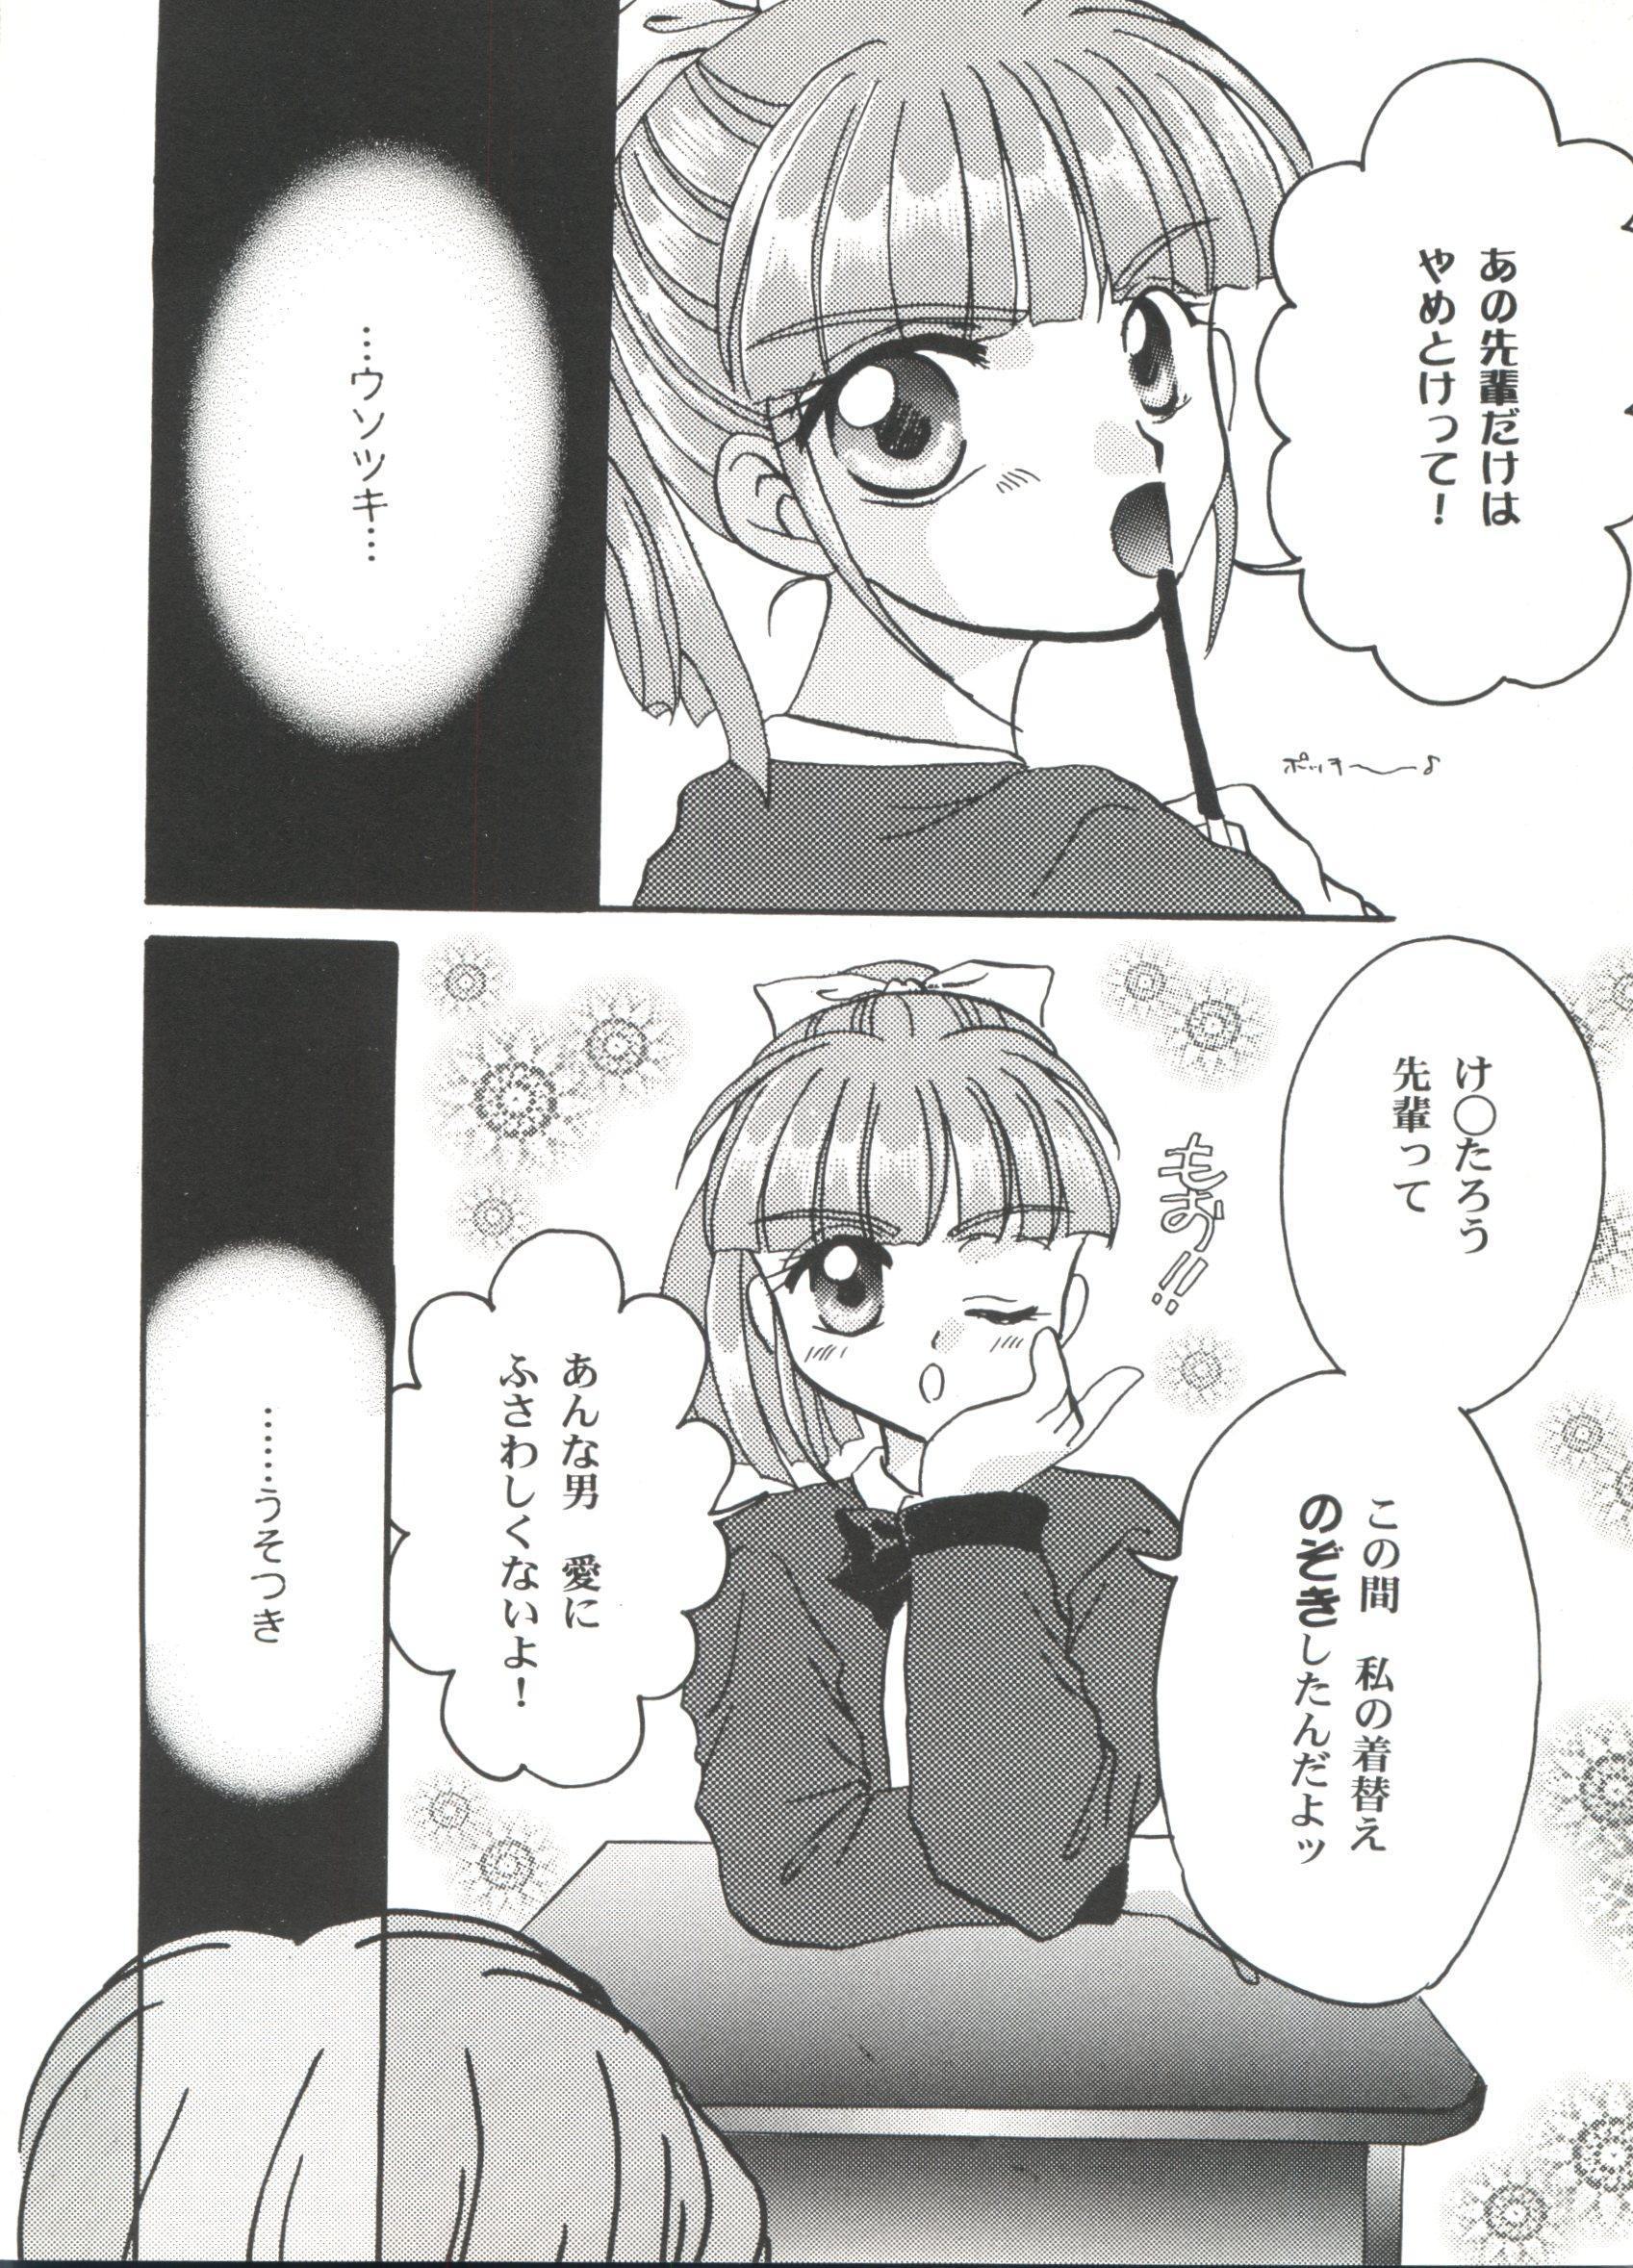 Bishoujo Doujinshi Anthology Cute 5 124